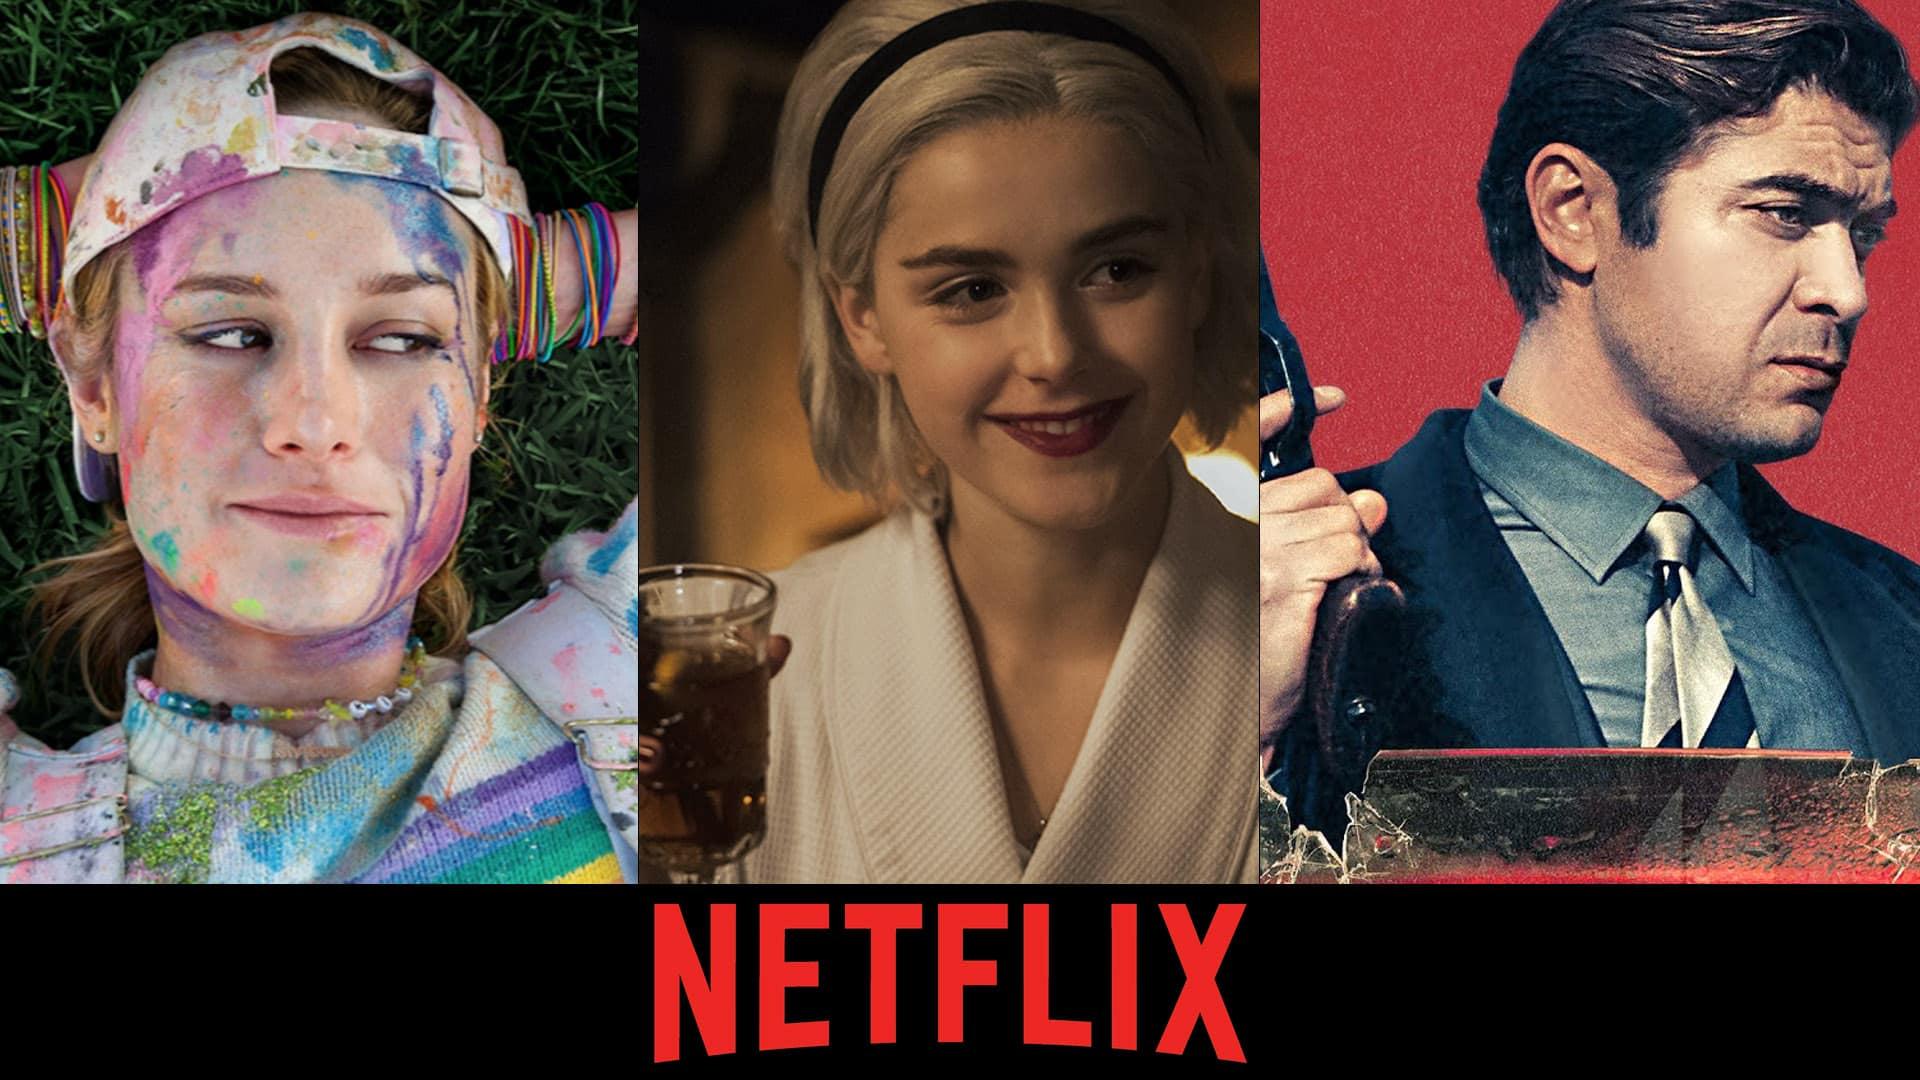 Netflix 2019